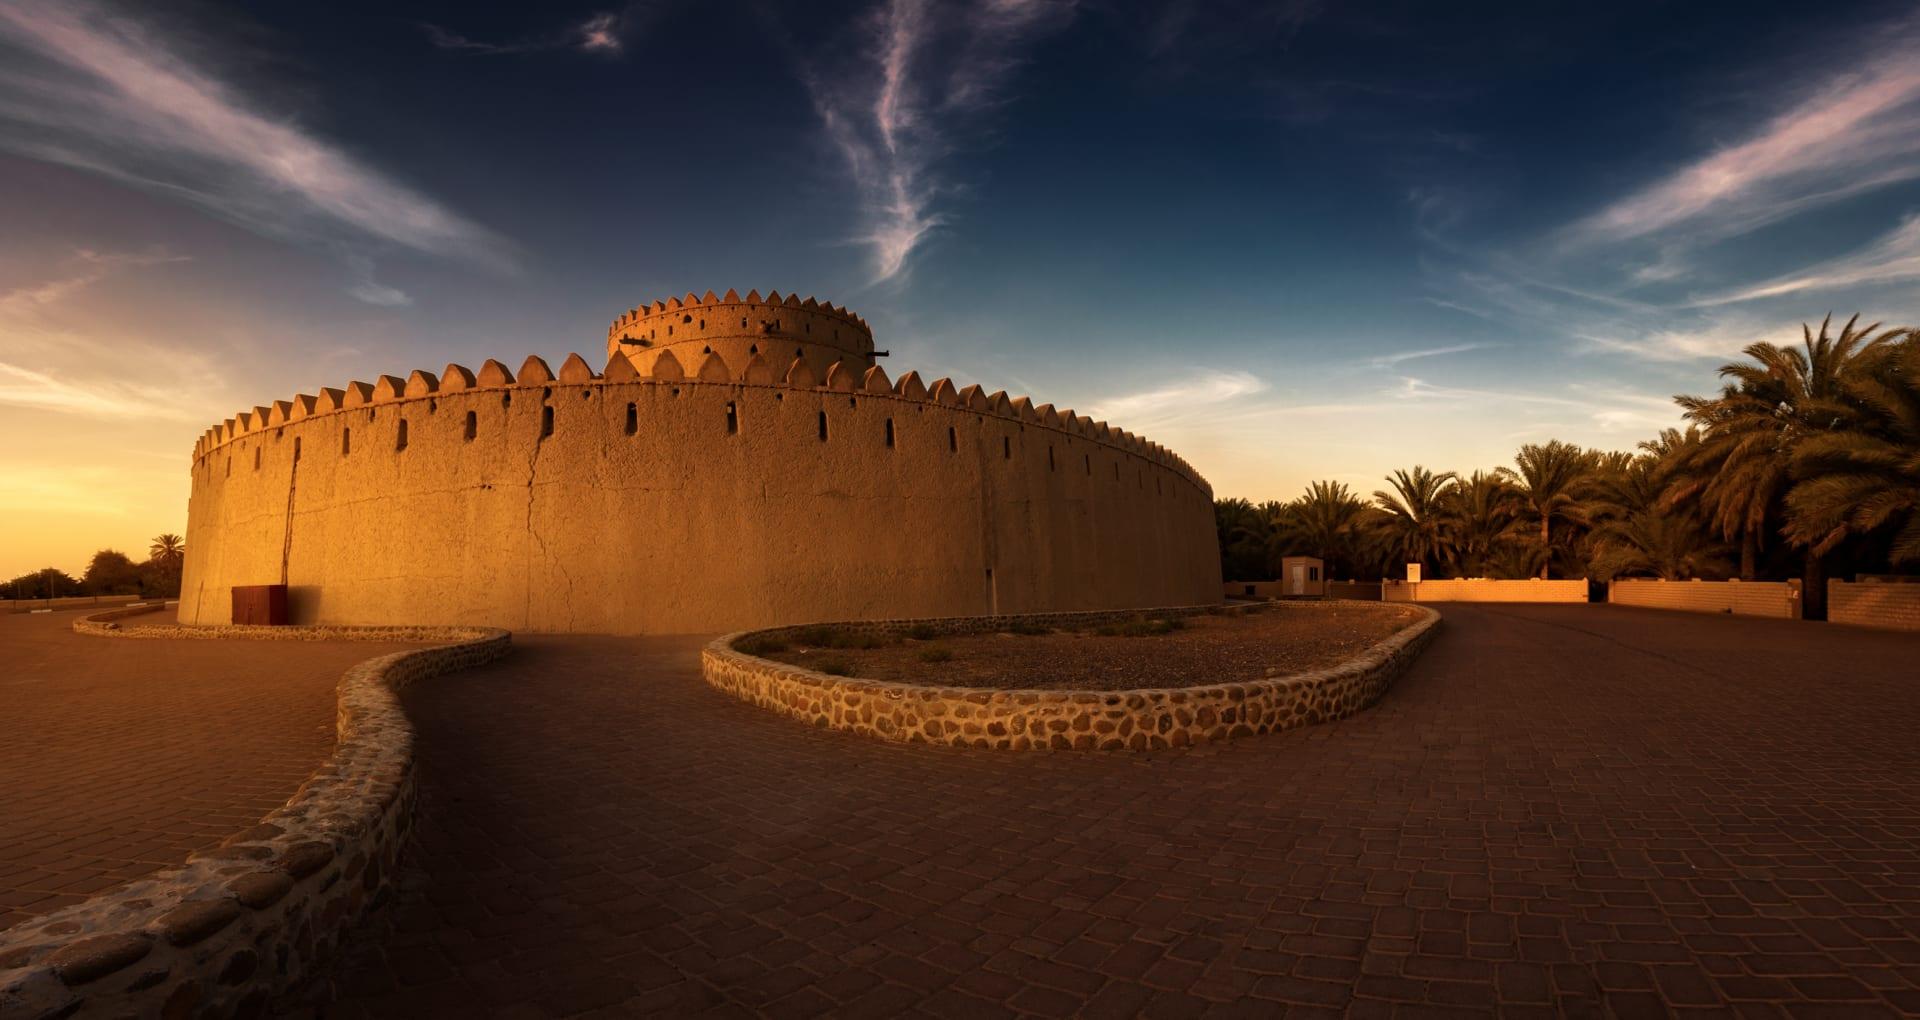 بتفاصيله الذهبية.. مصور يبرز جمال أكبر قبة مسجد بلا أعمدة في الإمارات من الجو